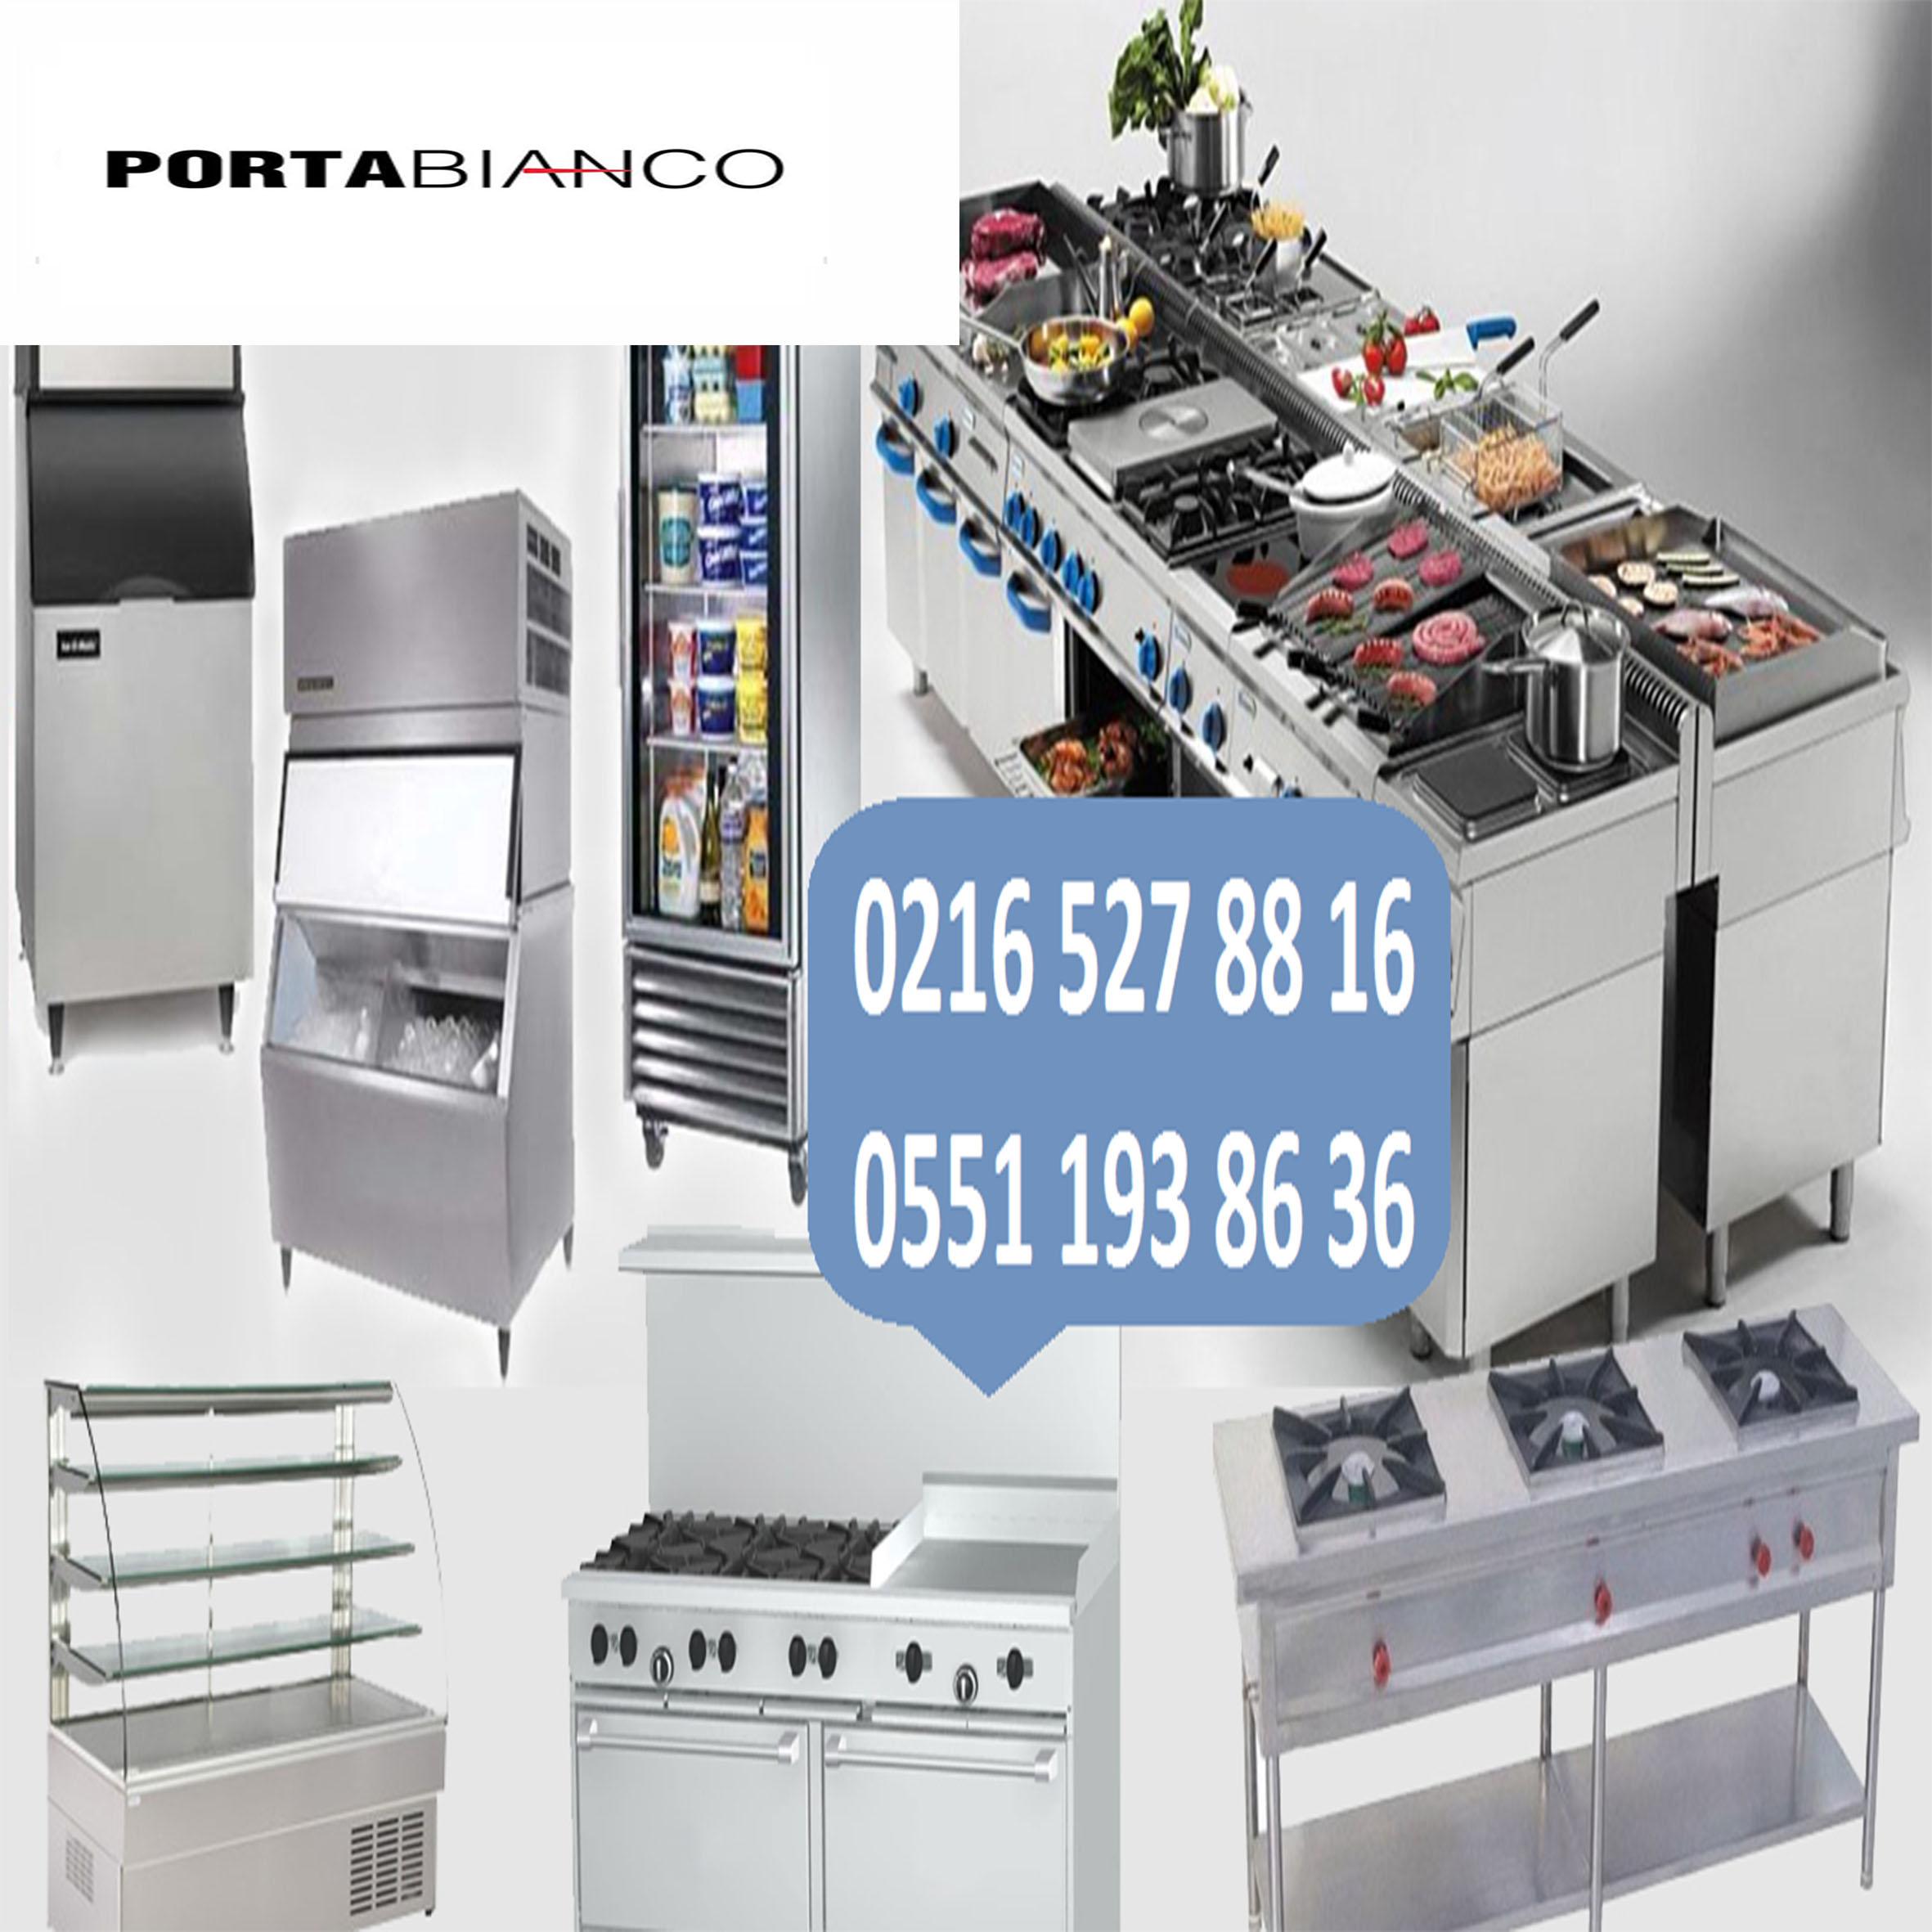 Kartal Portabianco Bulaşık Makinesi Servisi